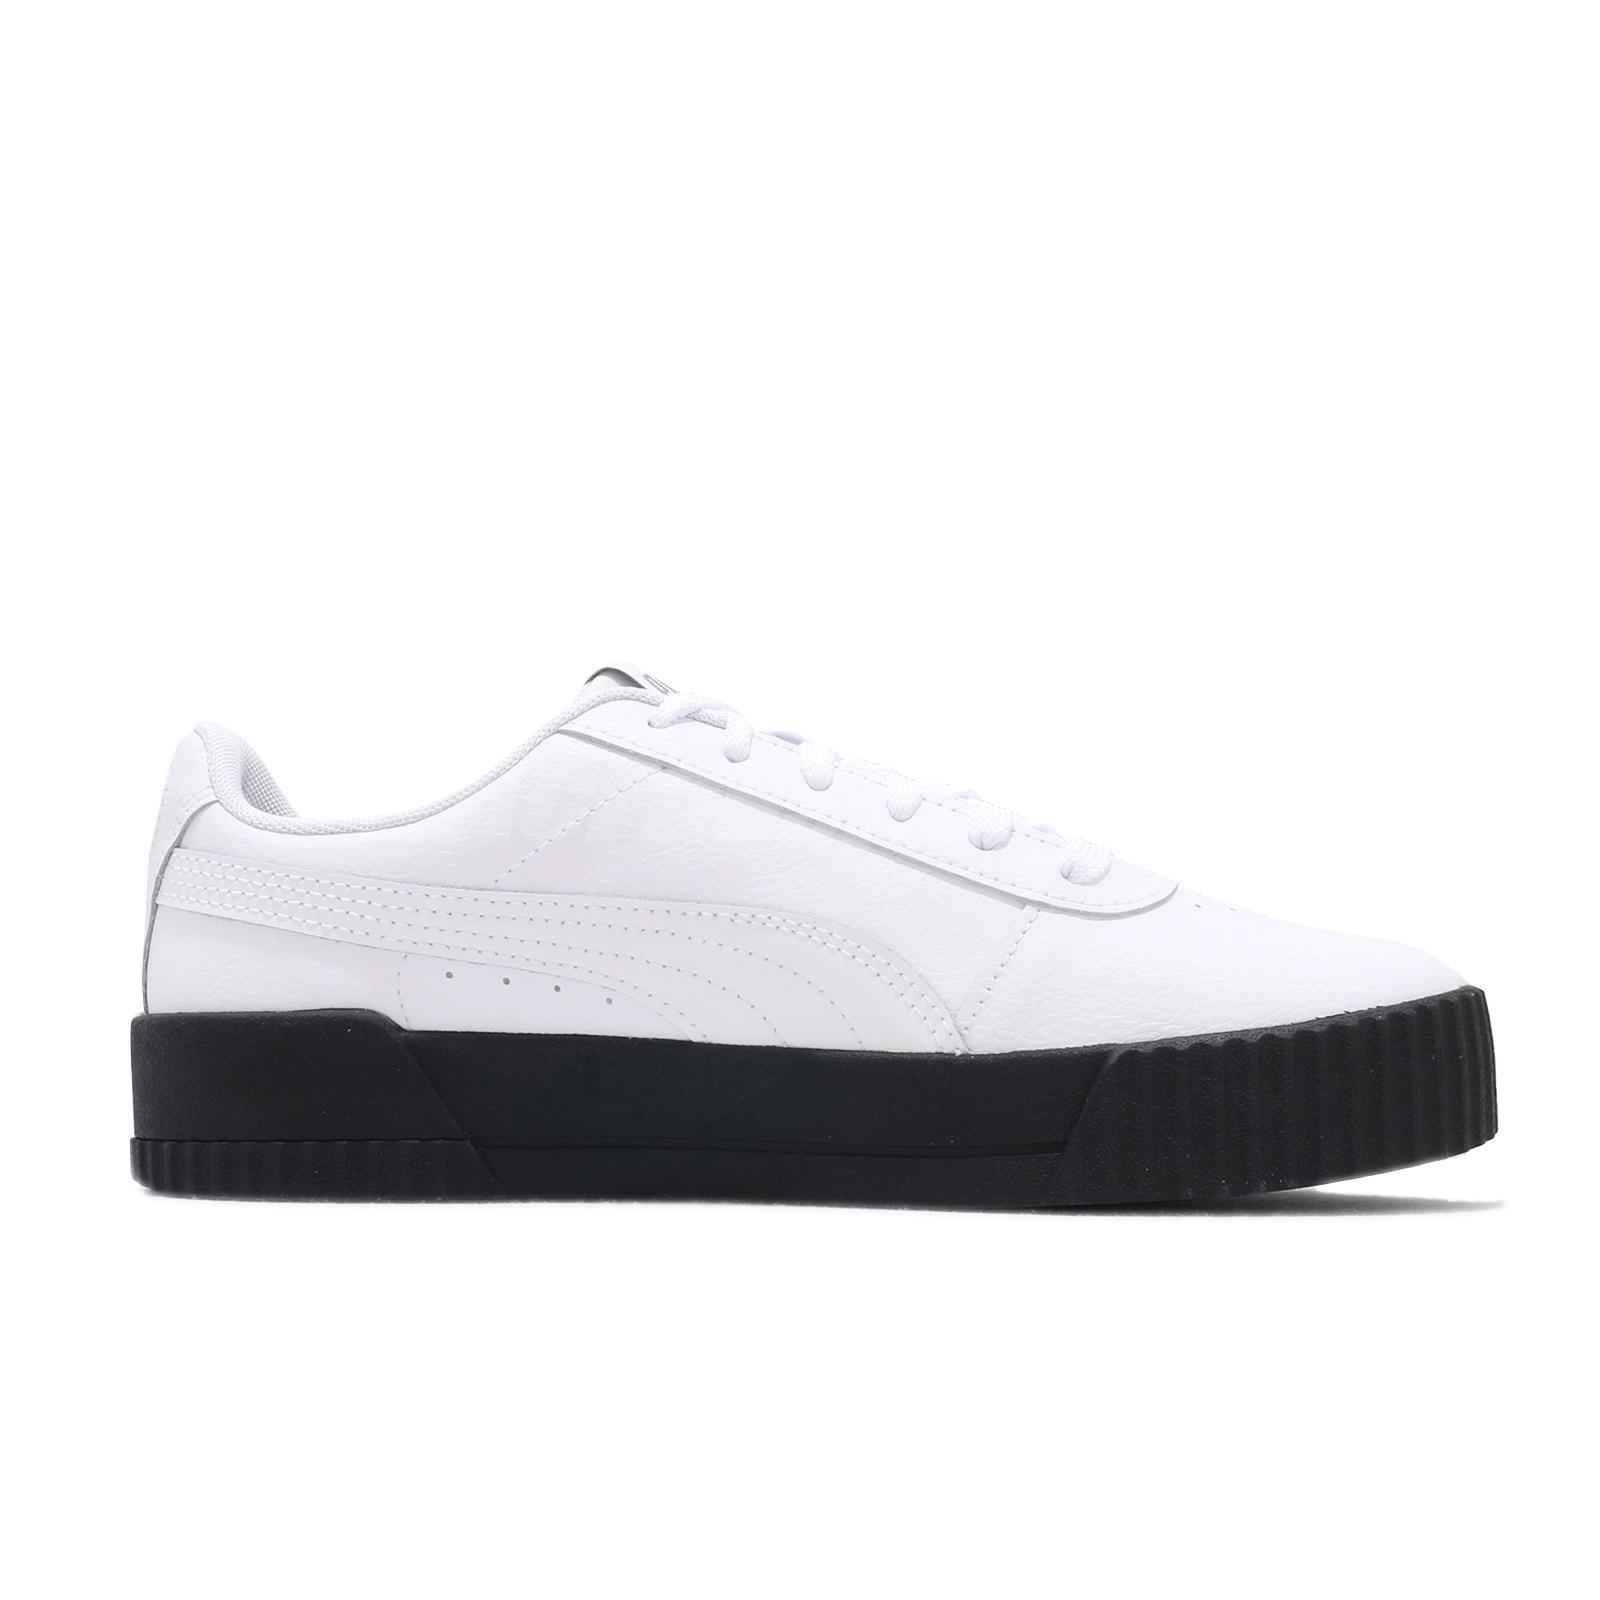 plato Crueldad Moviente  Puma Carina L Blanco Negro Plata Mujer Casual Zapatos Tenis Estilo de vida  370325-17 | eBay